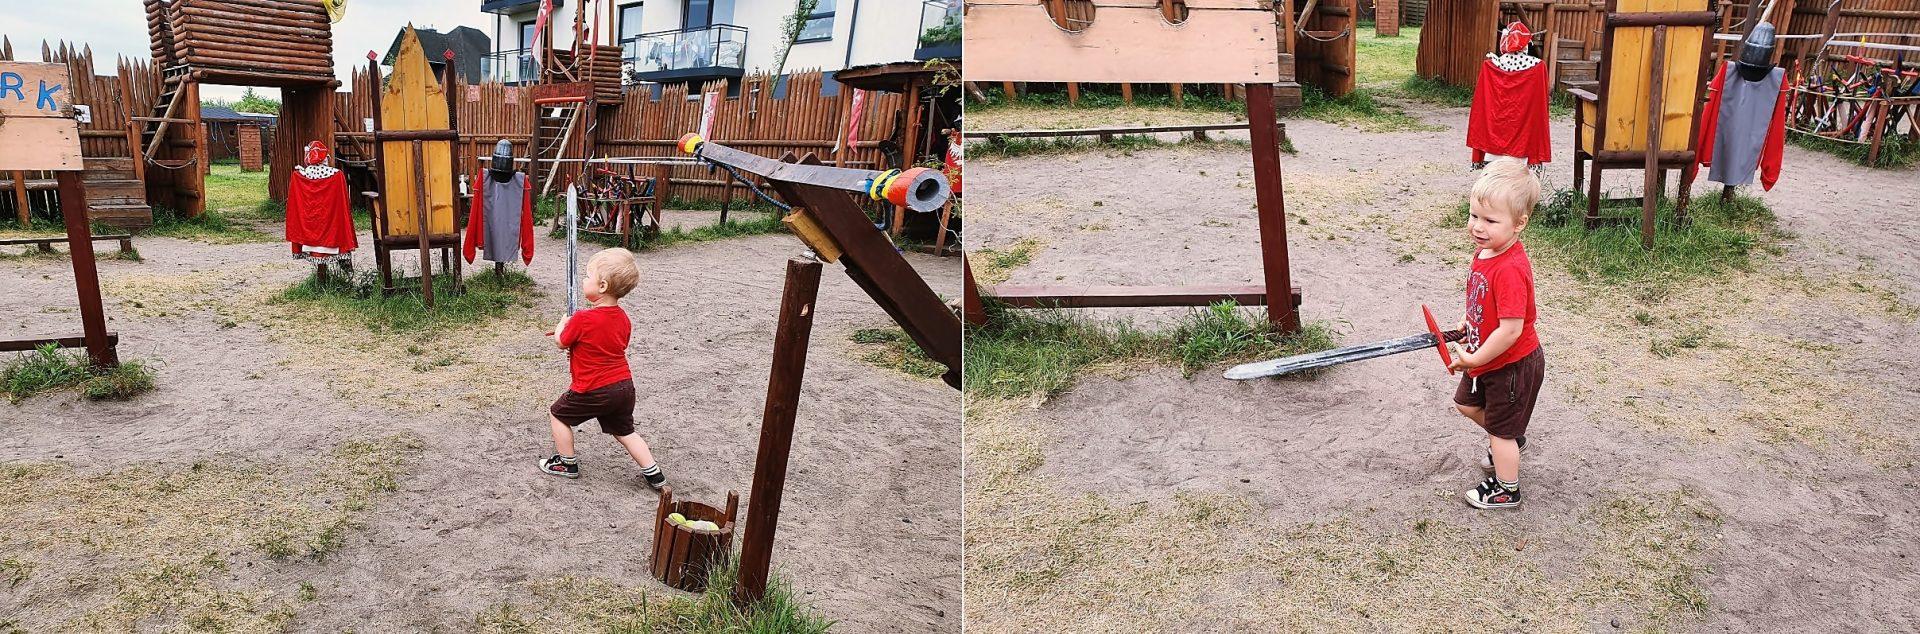 lemur park w rumi